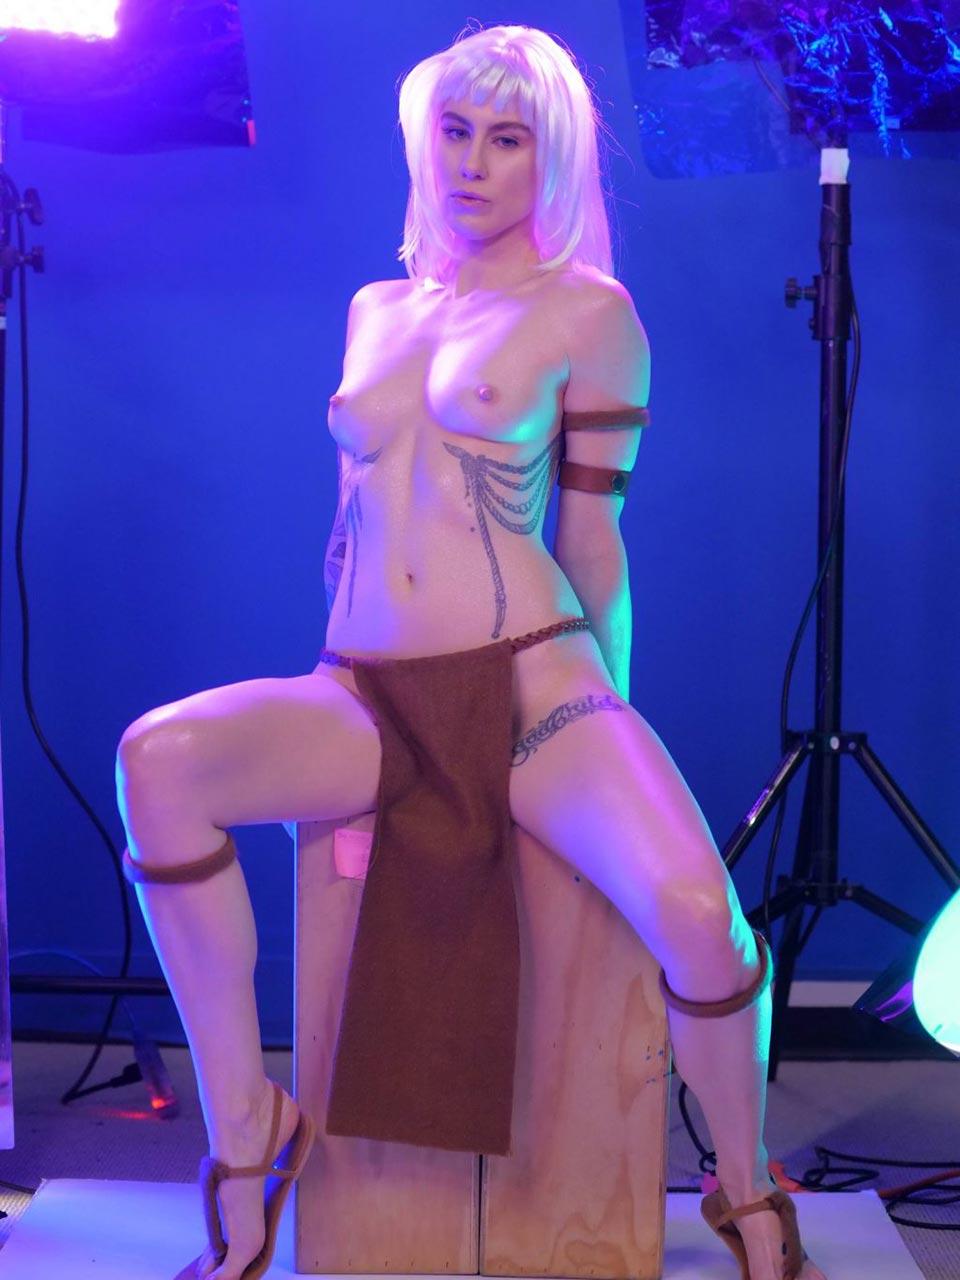 Comic book girl 19 naked